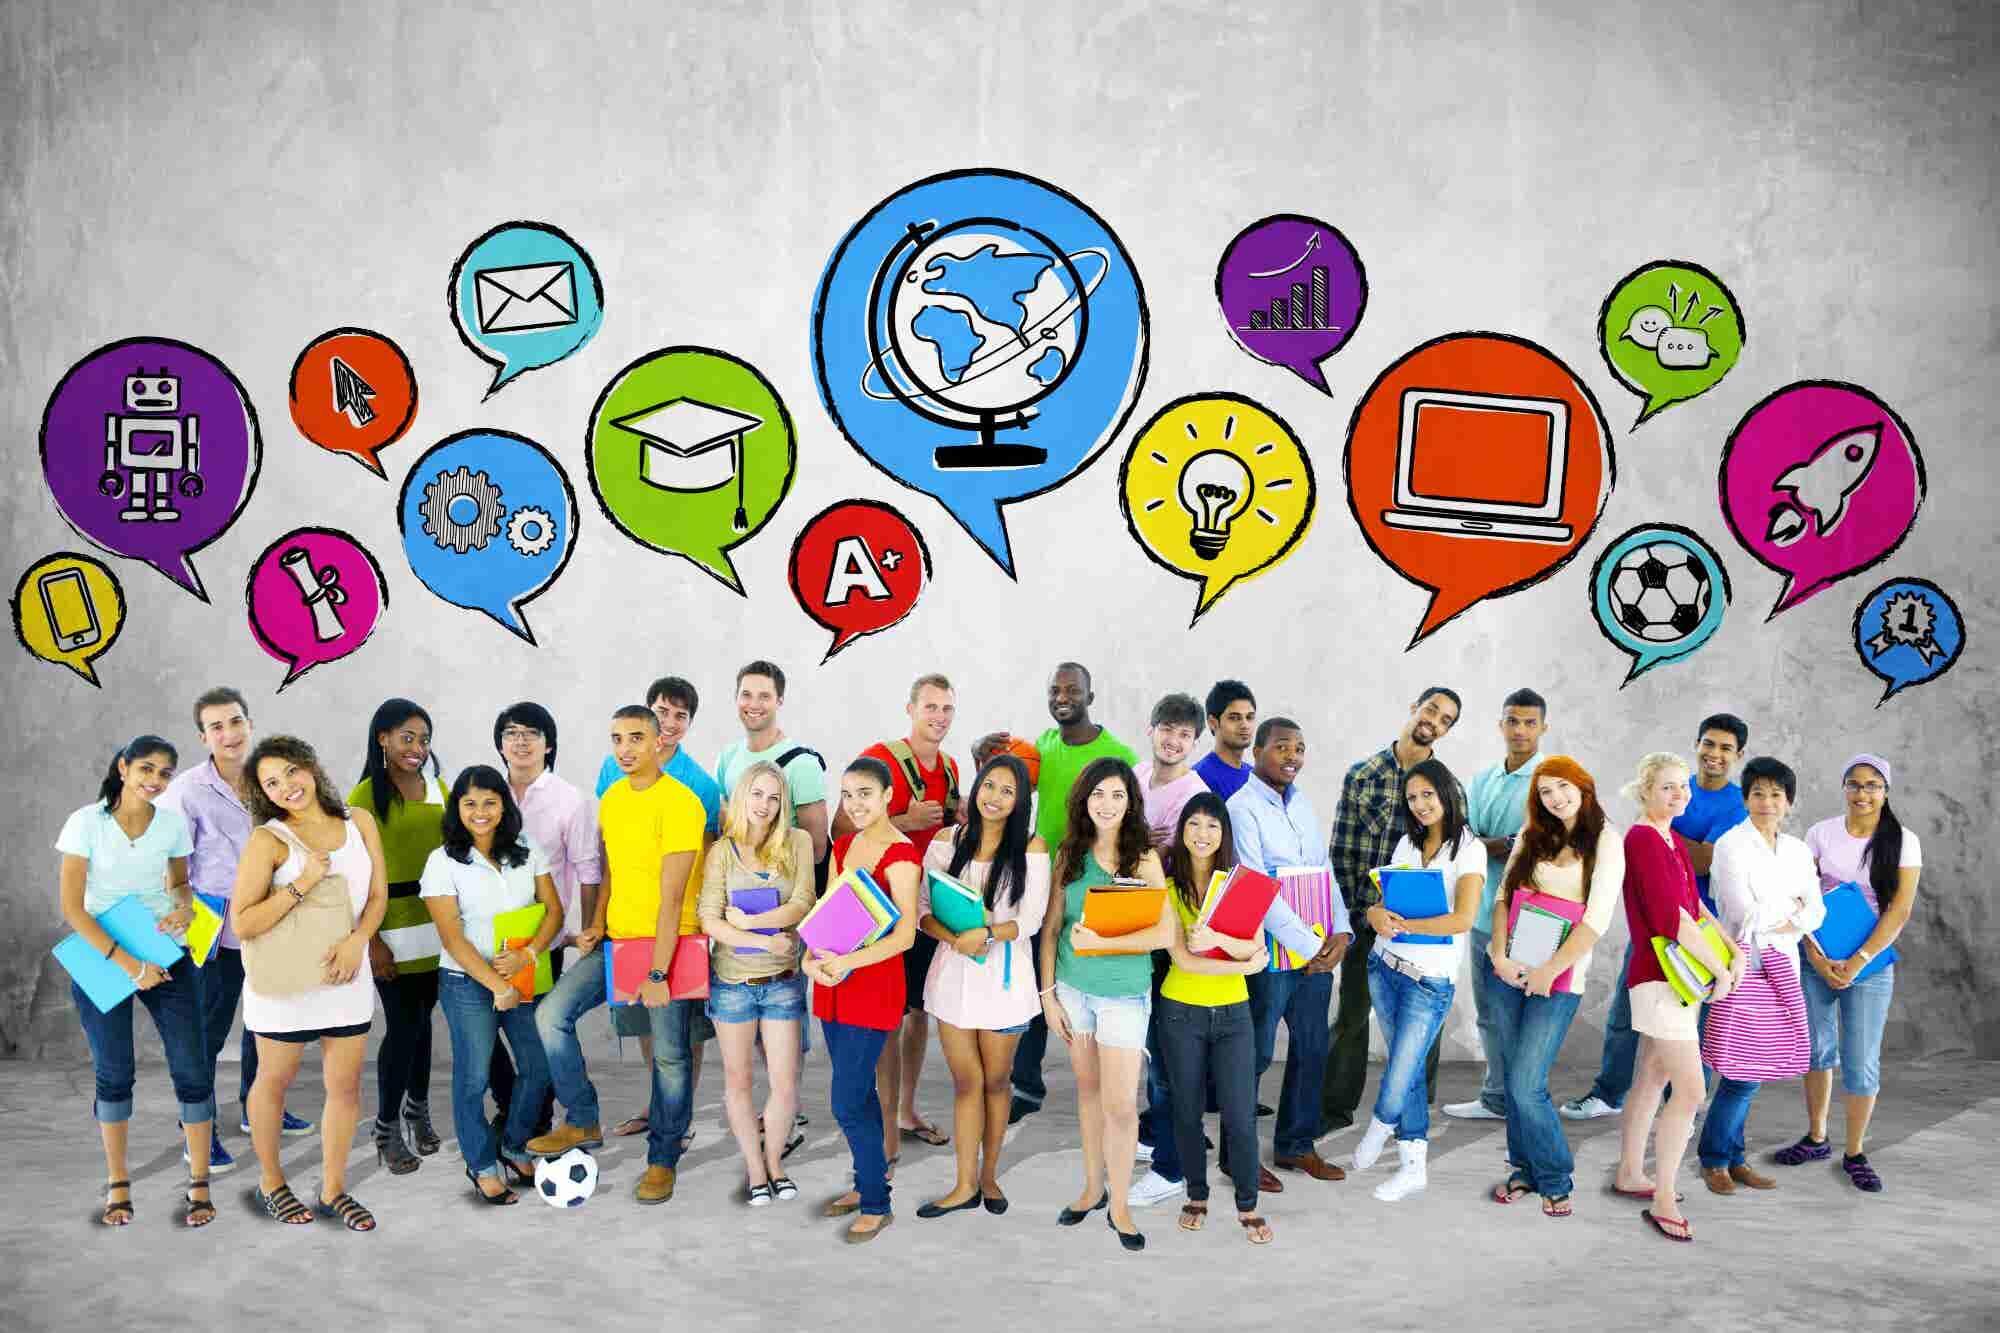 Reconocen a los cinco emprendimientos sociales y creativos más destacados de México